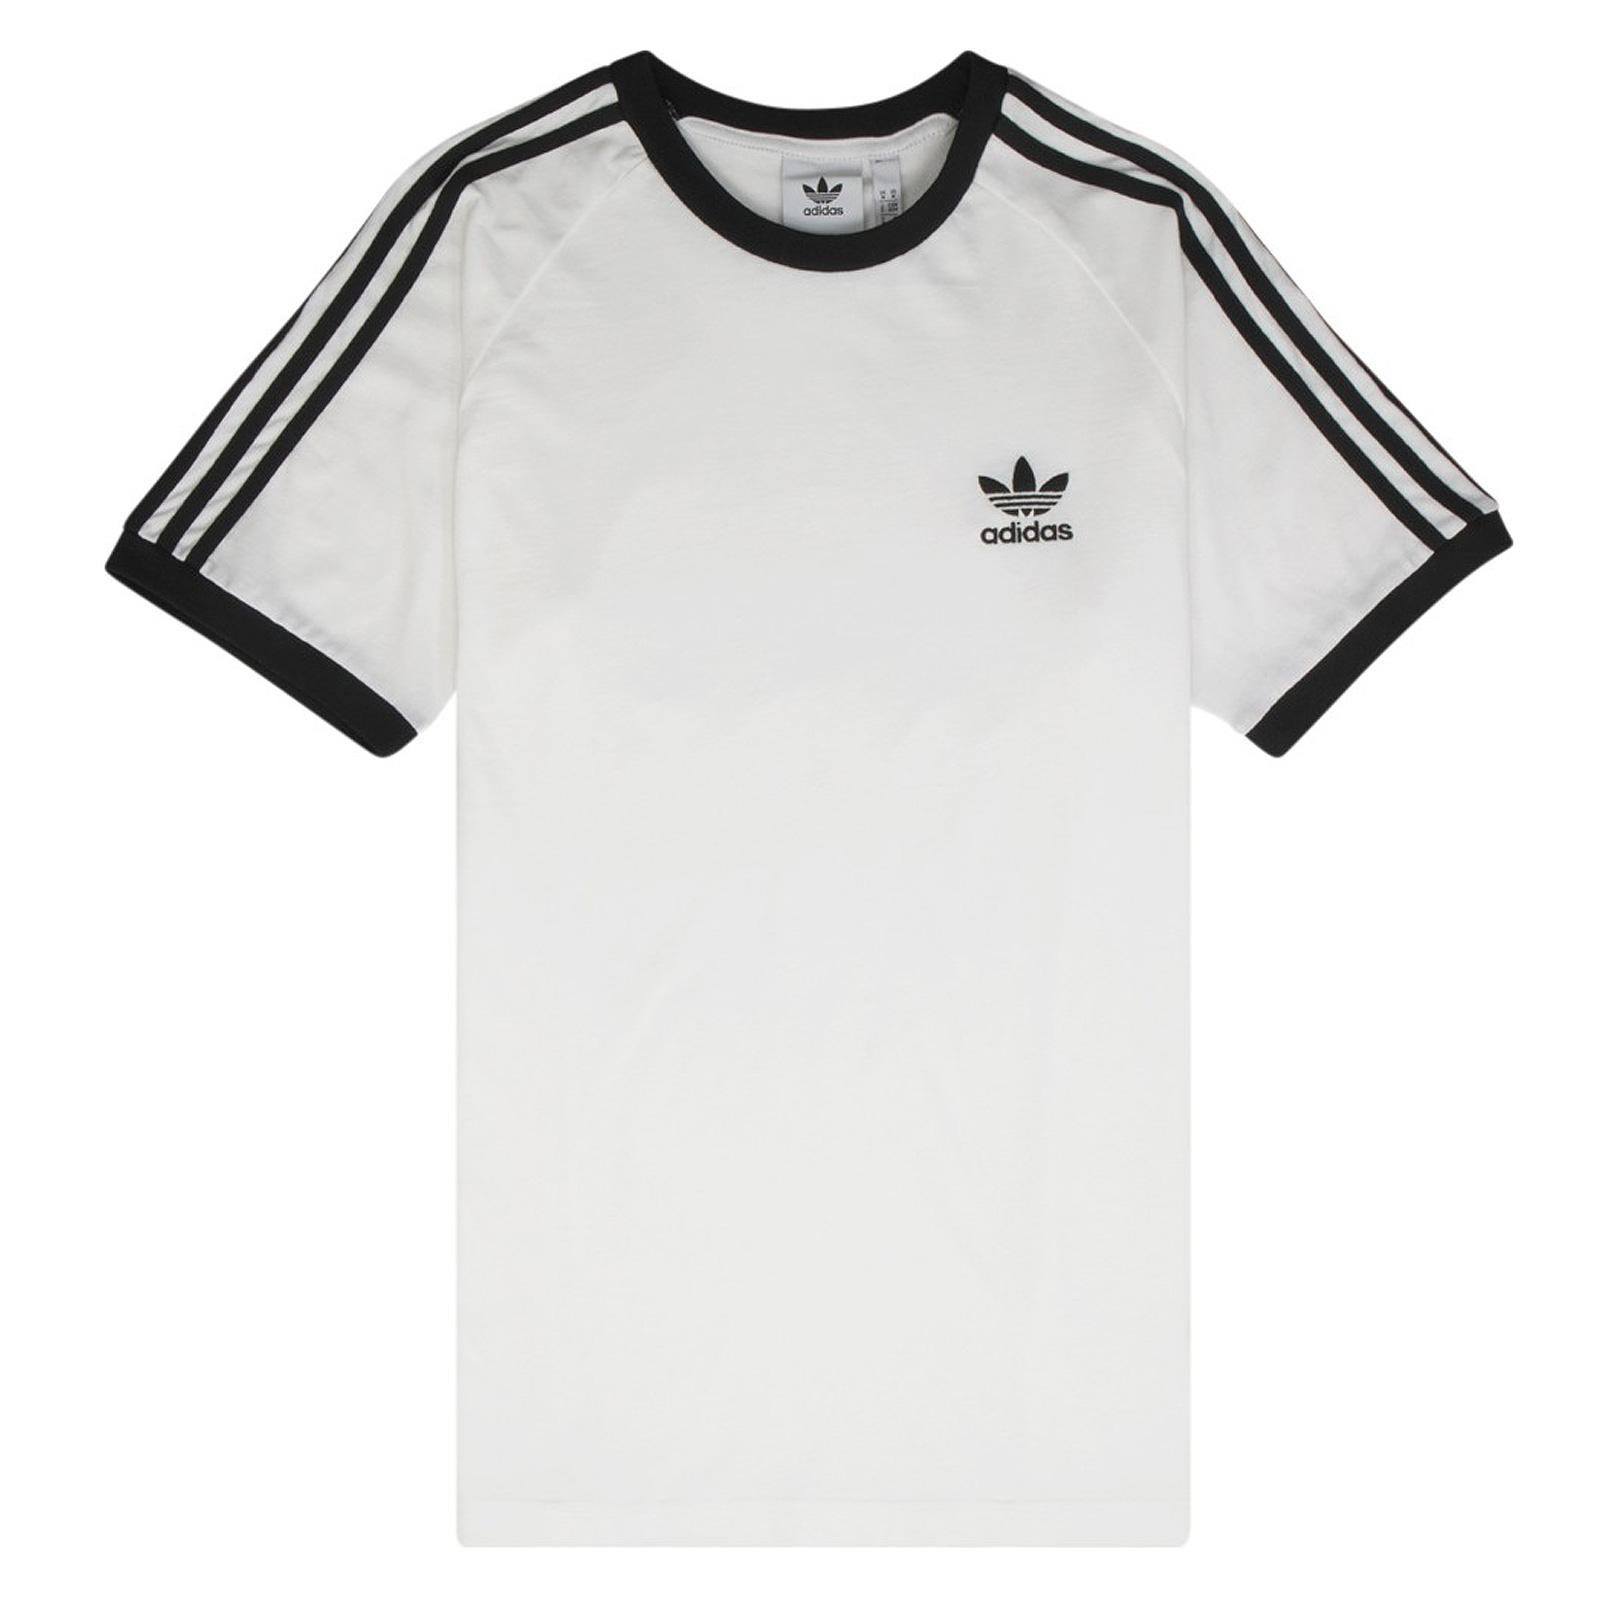 huge inventory discount sale online for sale adidas Originals 3 Stripes Logo Tee Herren Trefoil Vintage Shirt Weiß  Schwarz